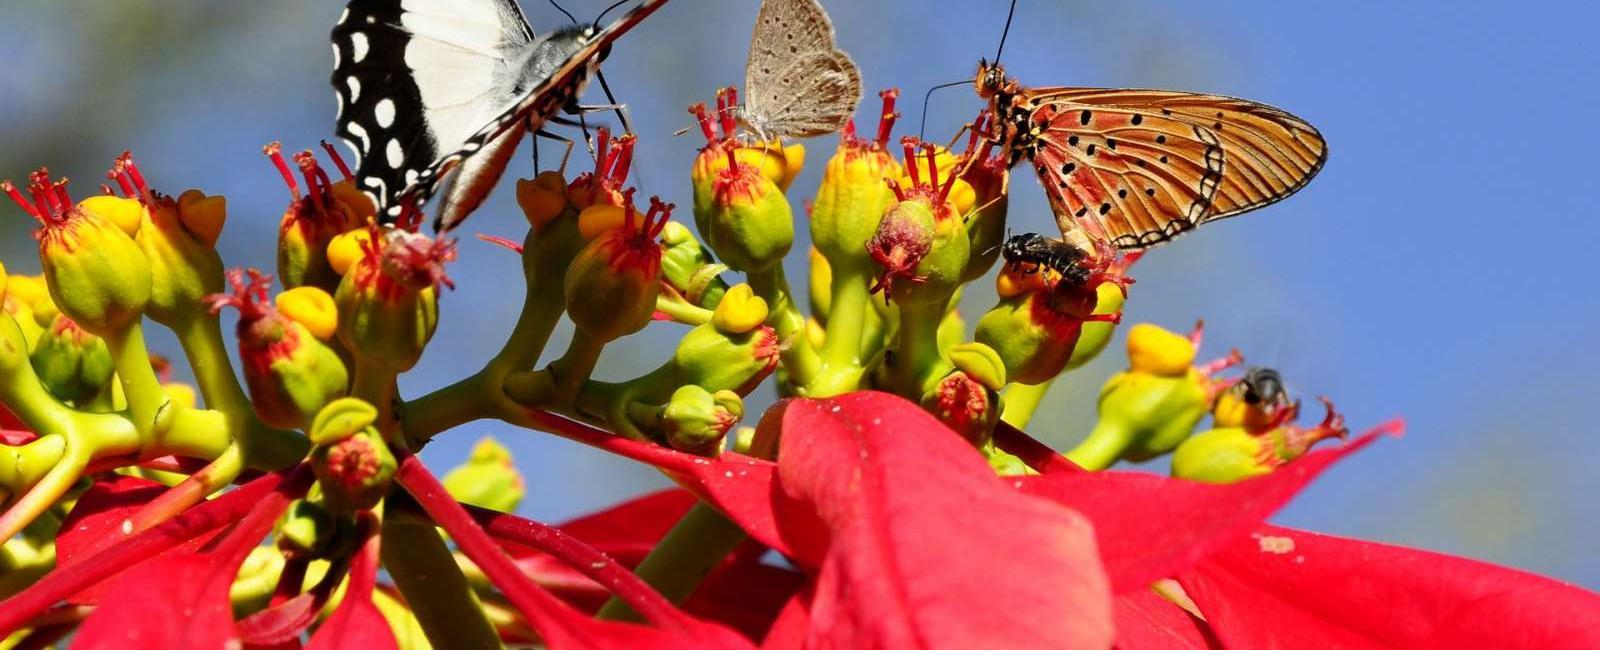 Poinsetia sau Euphorbia (floarea craciunului)